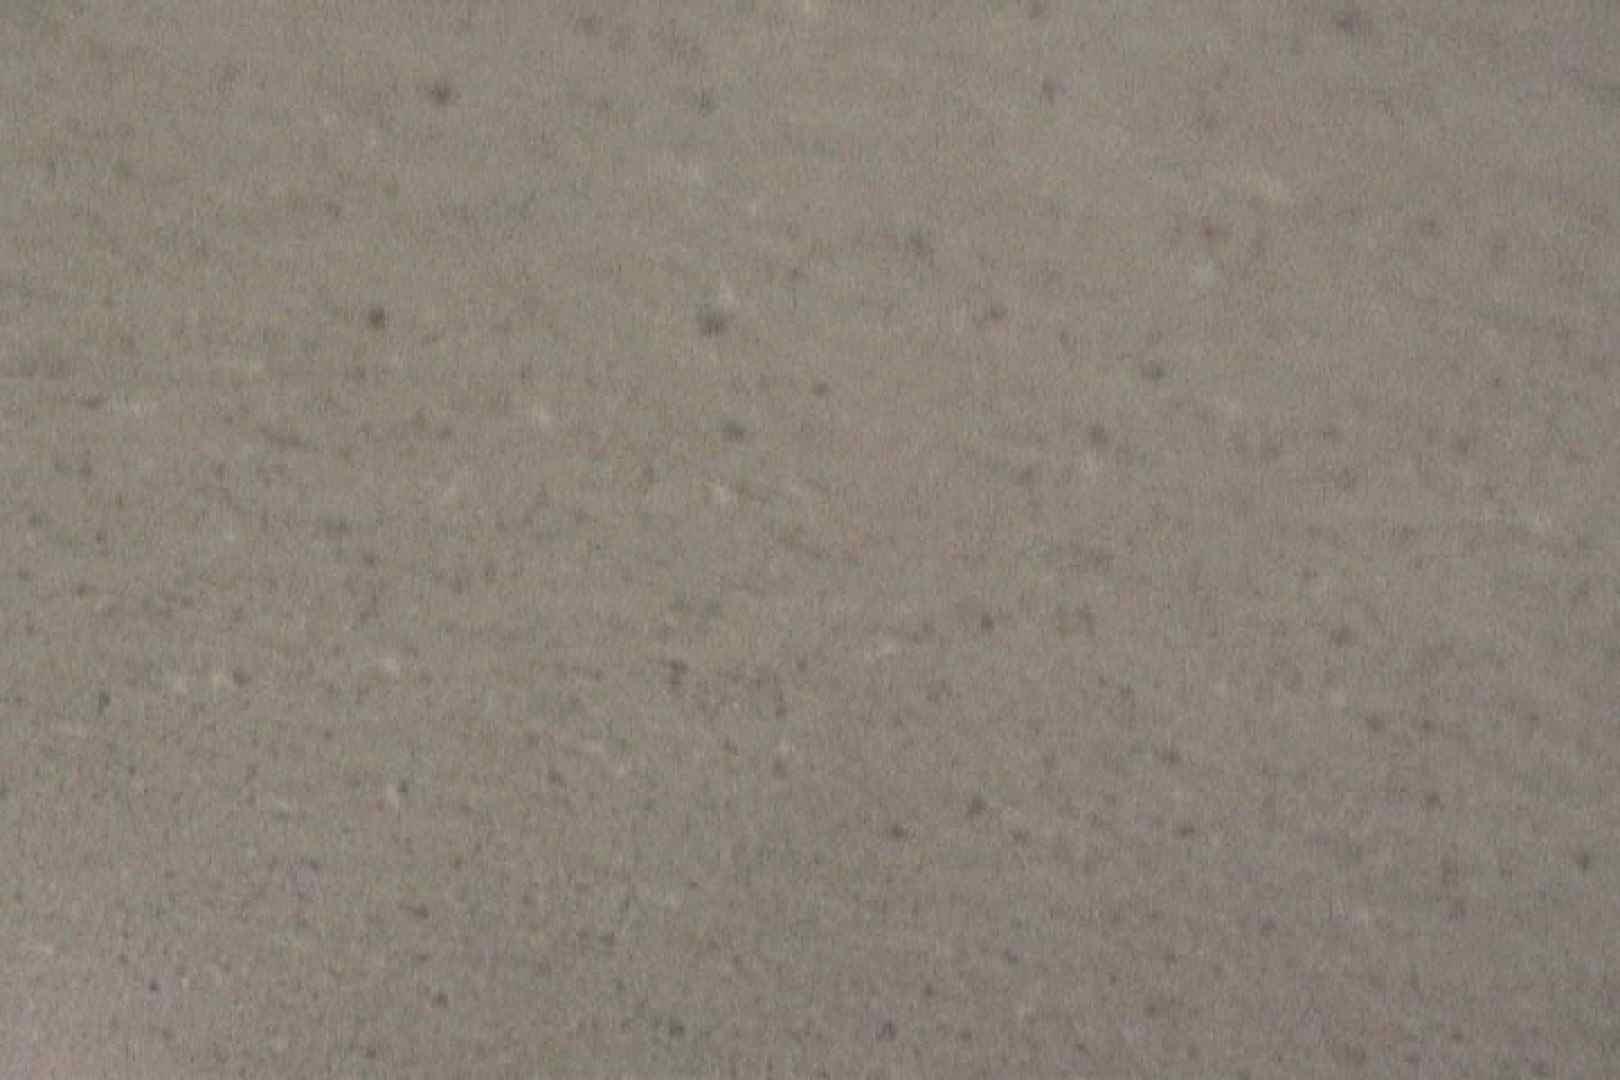 ※100個限定販売 カリスマ撮師 pepeさんの軌跡!Vol.1 色っぽいOL達 | 0  52pic 3